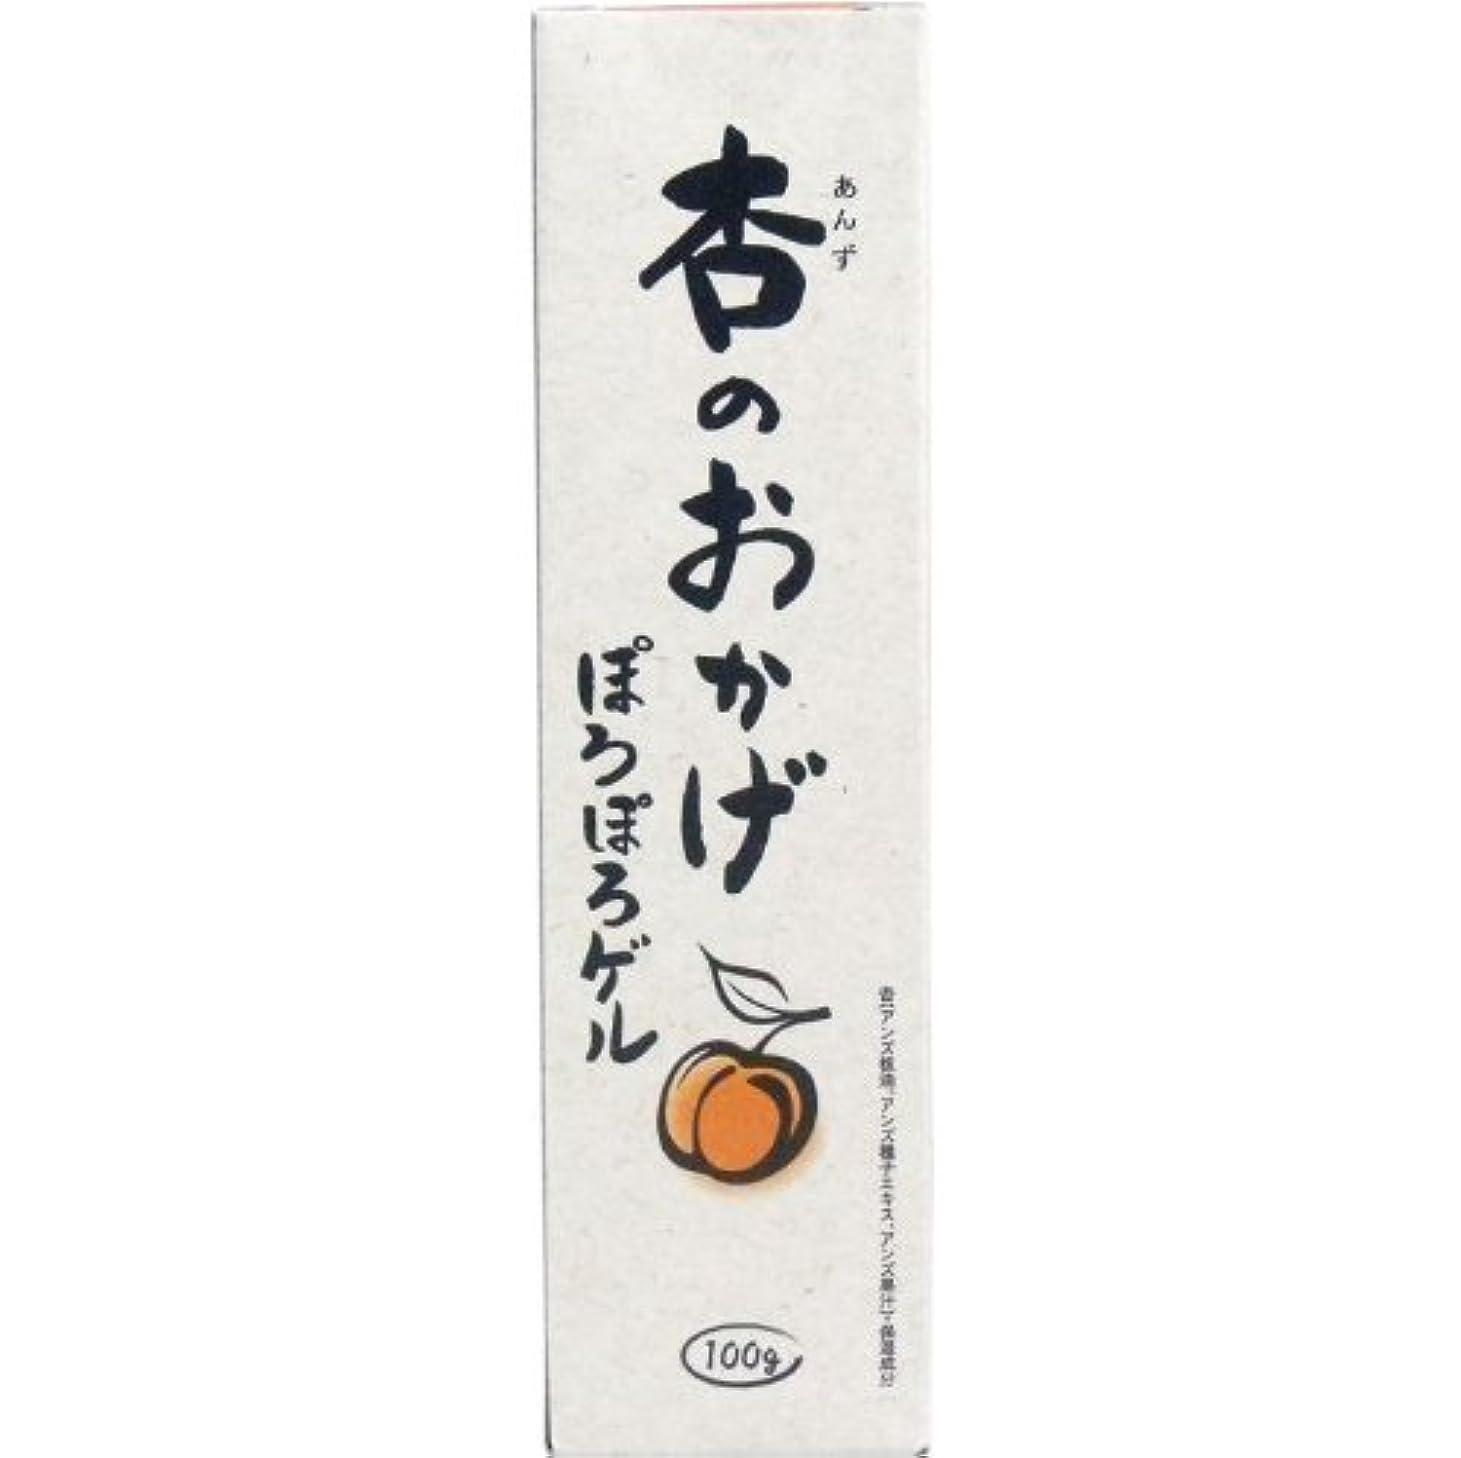 野菜悪用矢杏のおかげ ぽろぽろゲル 100g【2個セット】